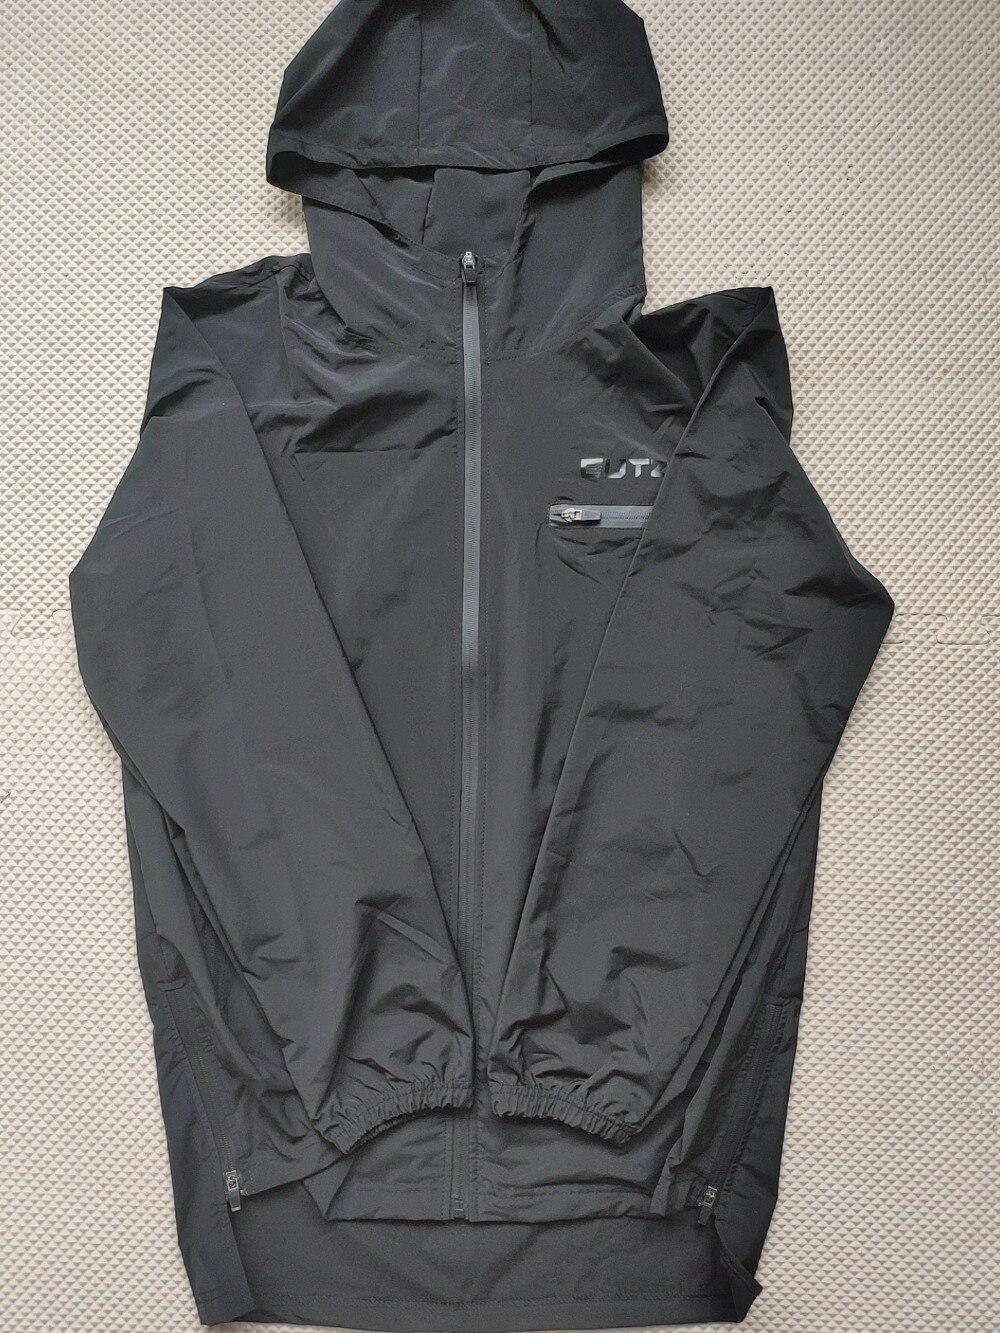 Esporte ao ar livre softshell jaqueta masculina